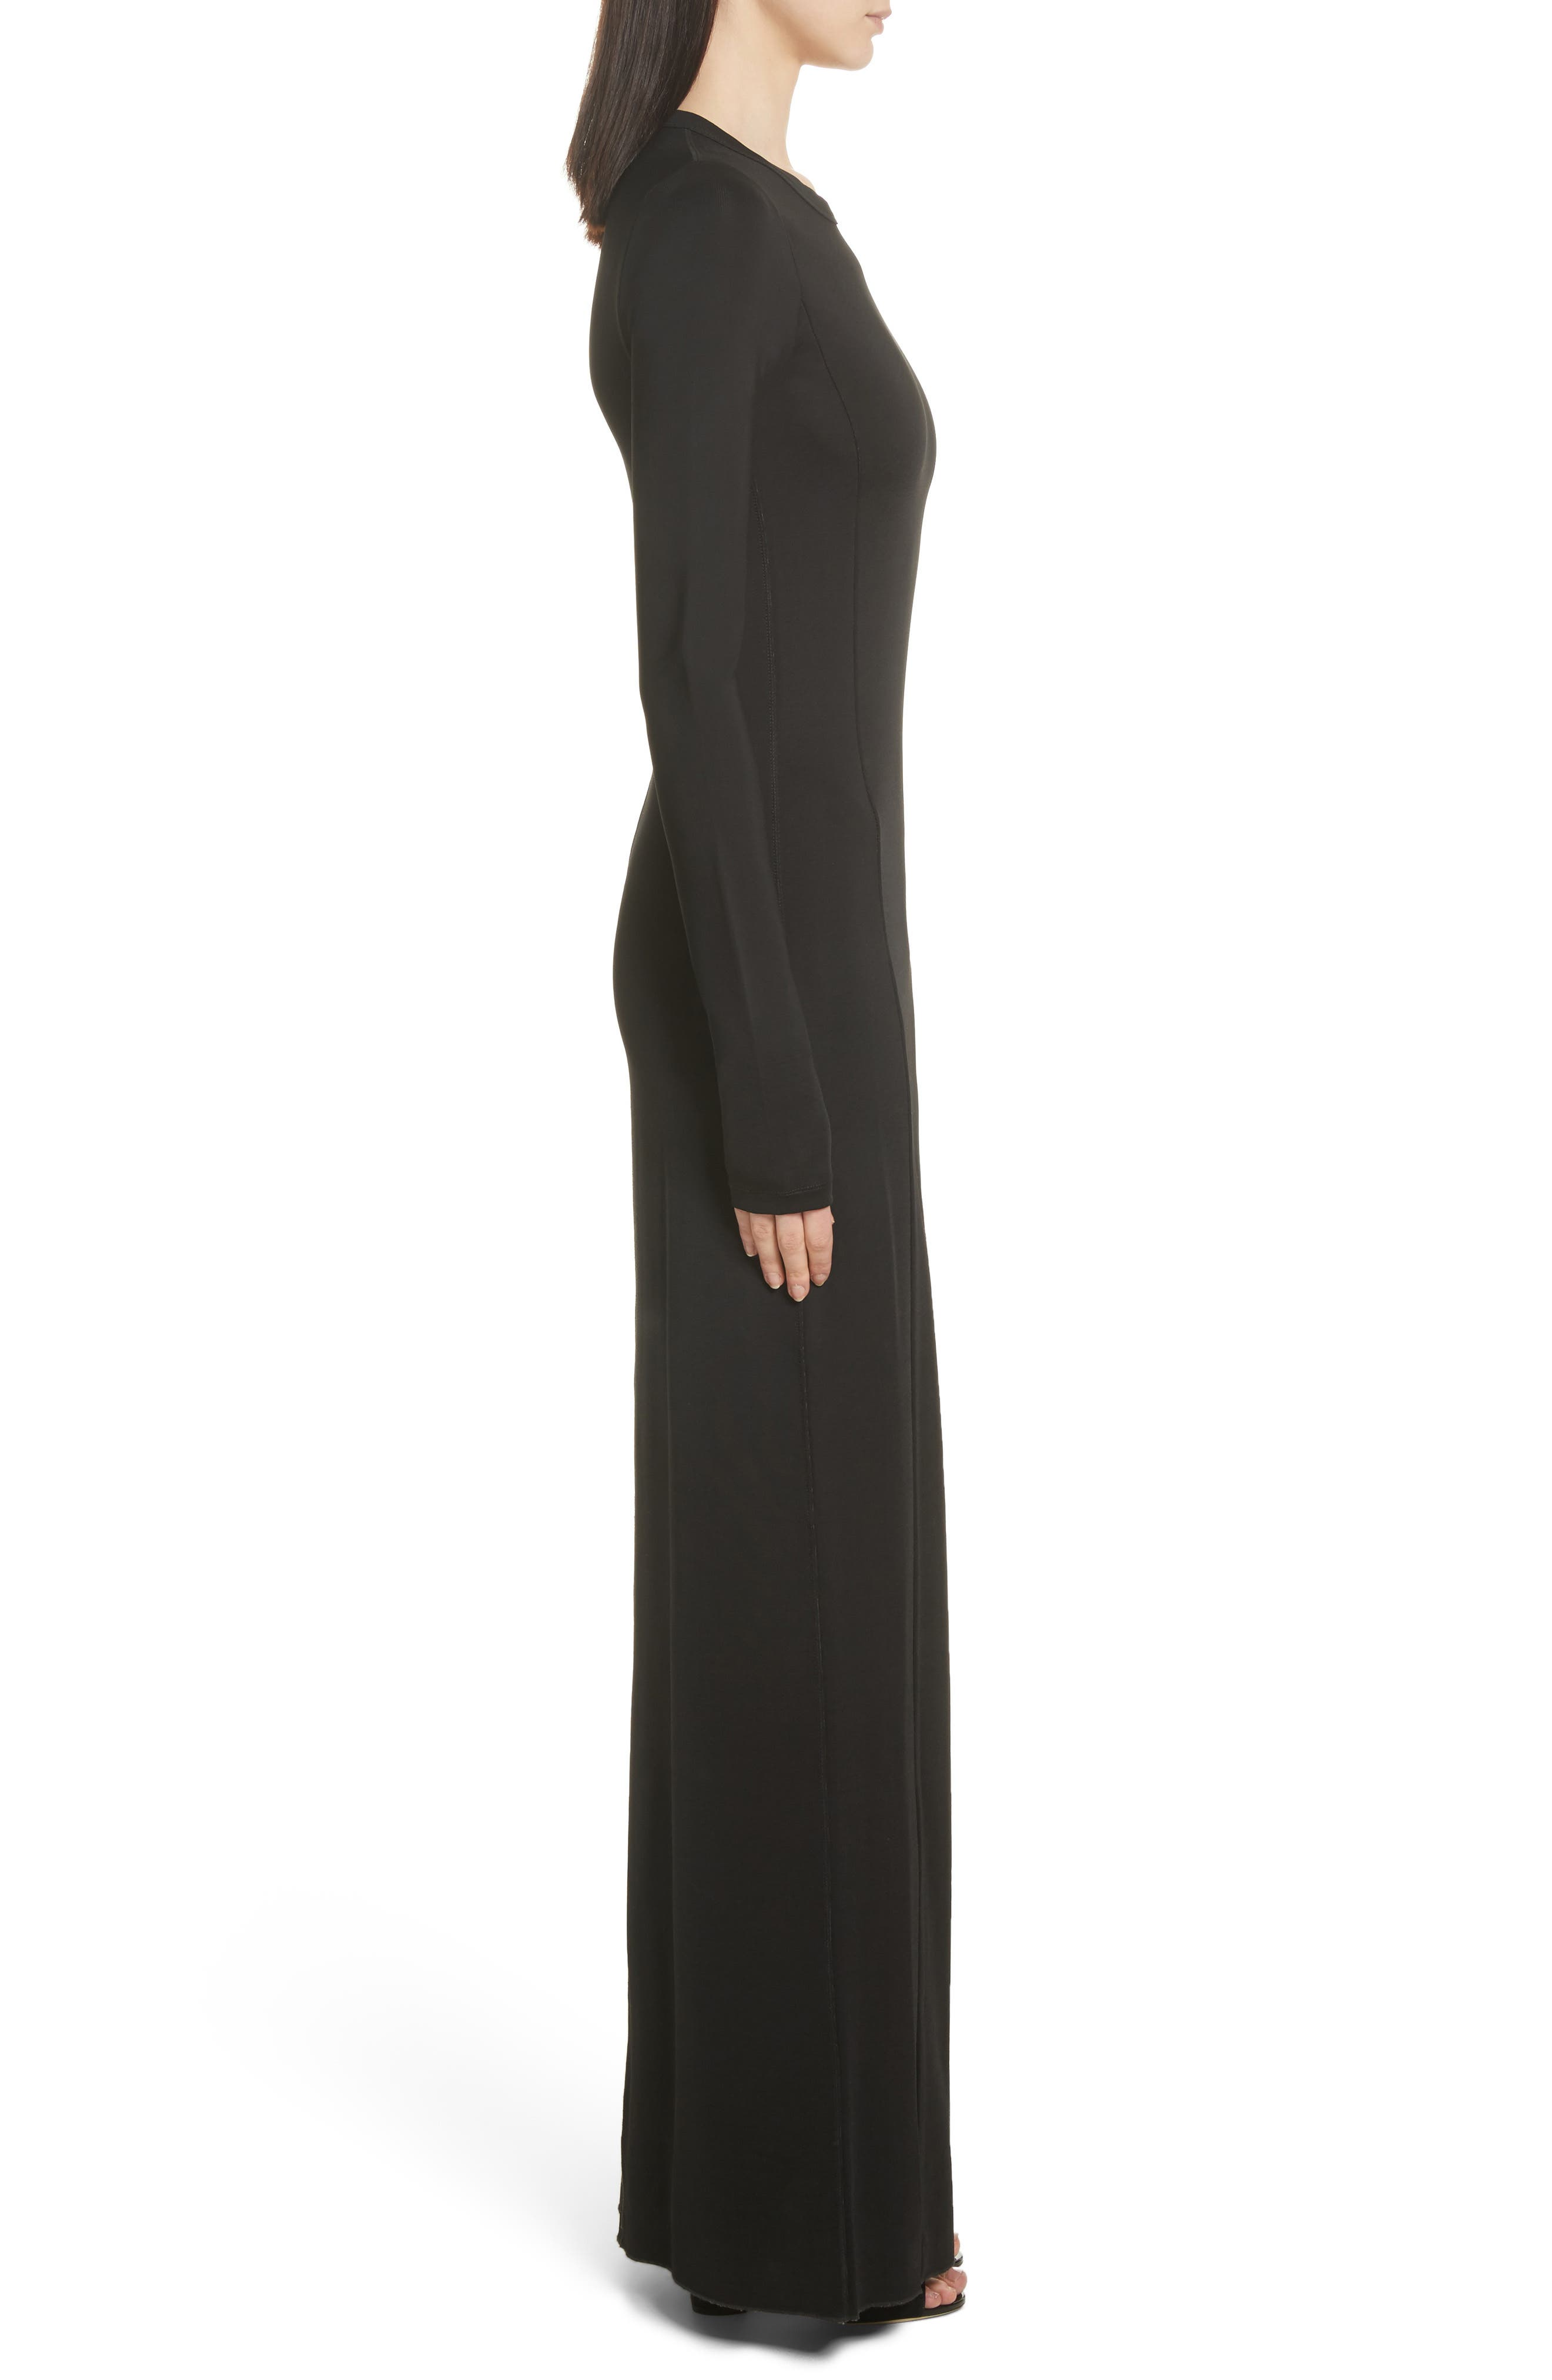 Fallon Slit Skirt Jersey Maxi Dress,                             Alternate thumbnail 3, color,                             001